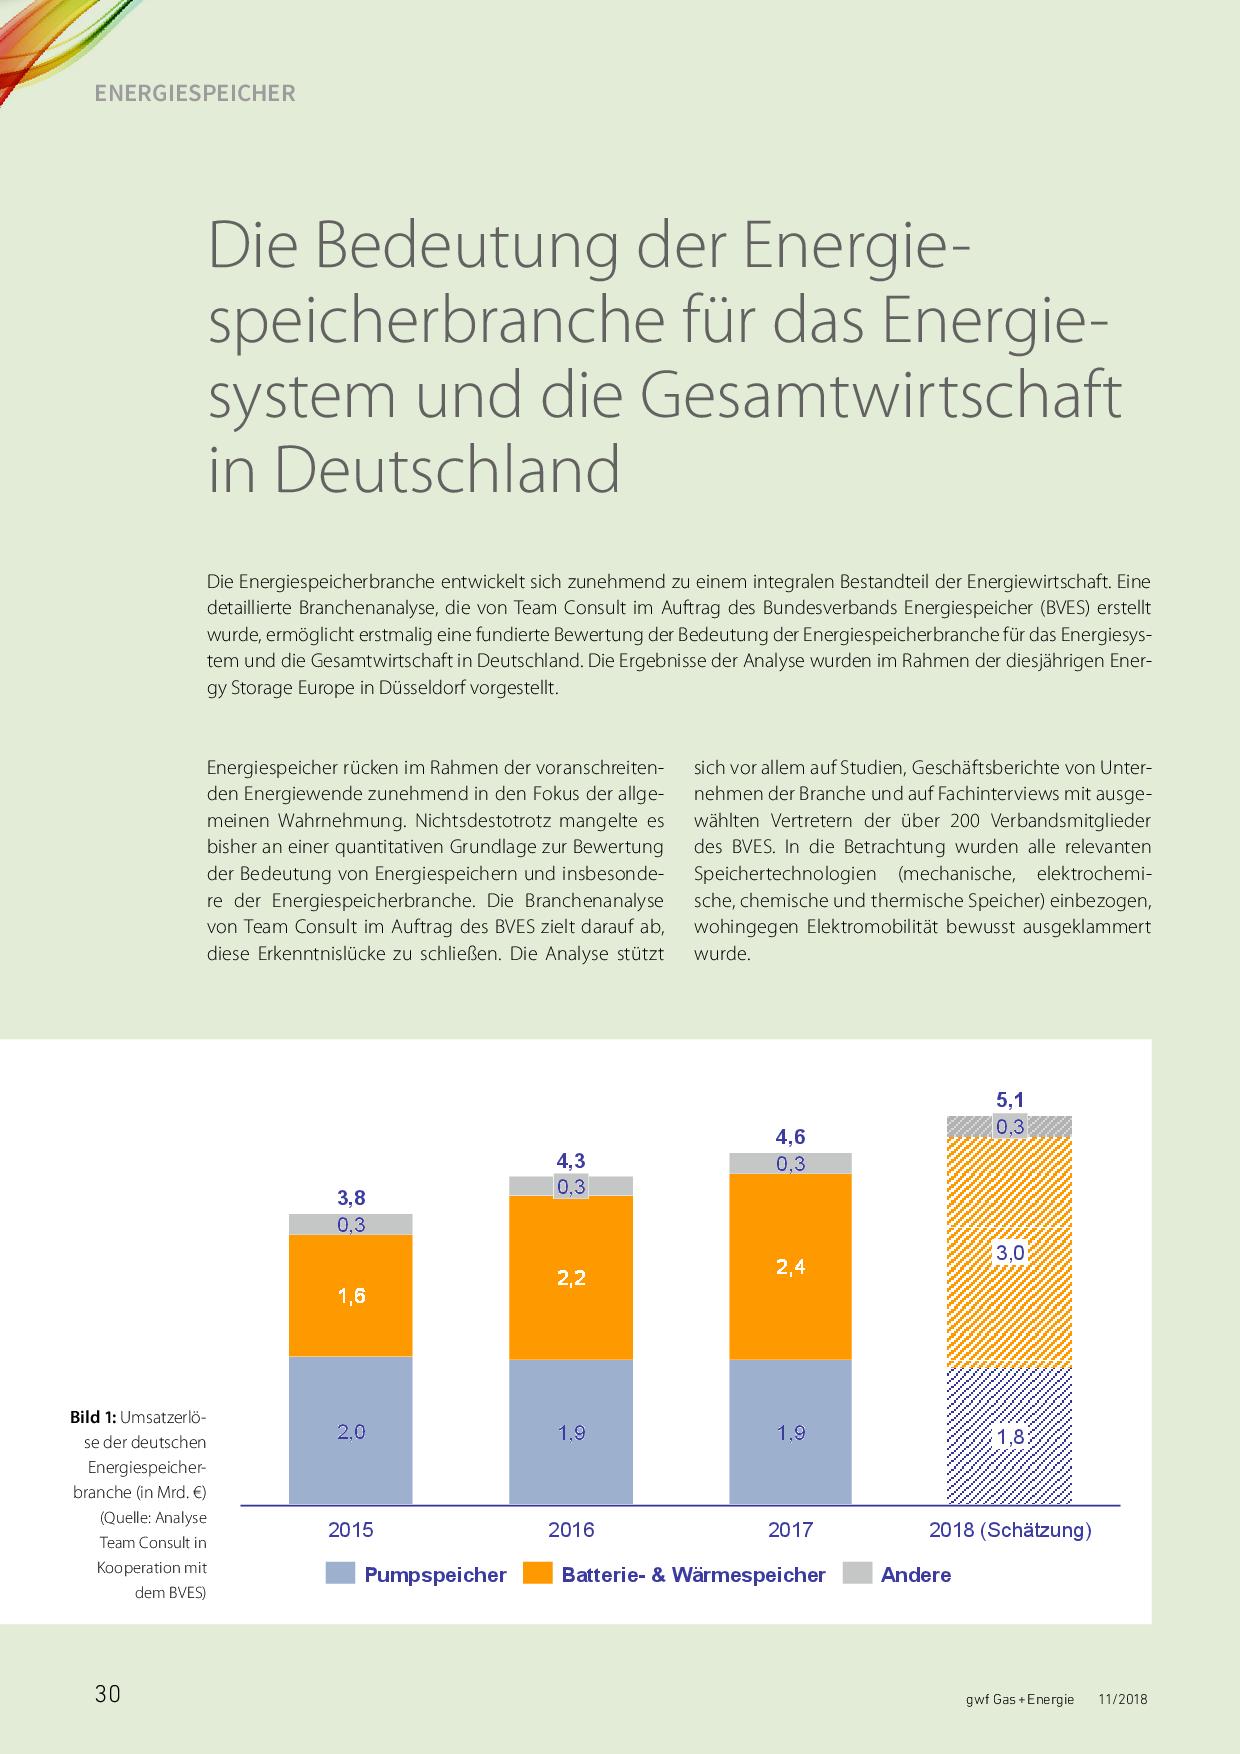 Die Bedeutung der Energiespeicherbranche für das Energiesystem und die Gesamtwirtschaft in Deutschland